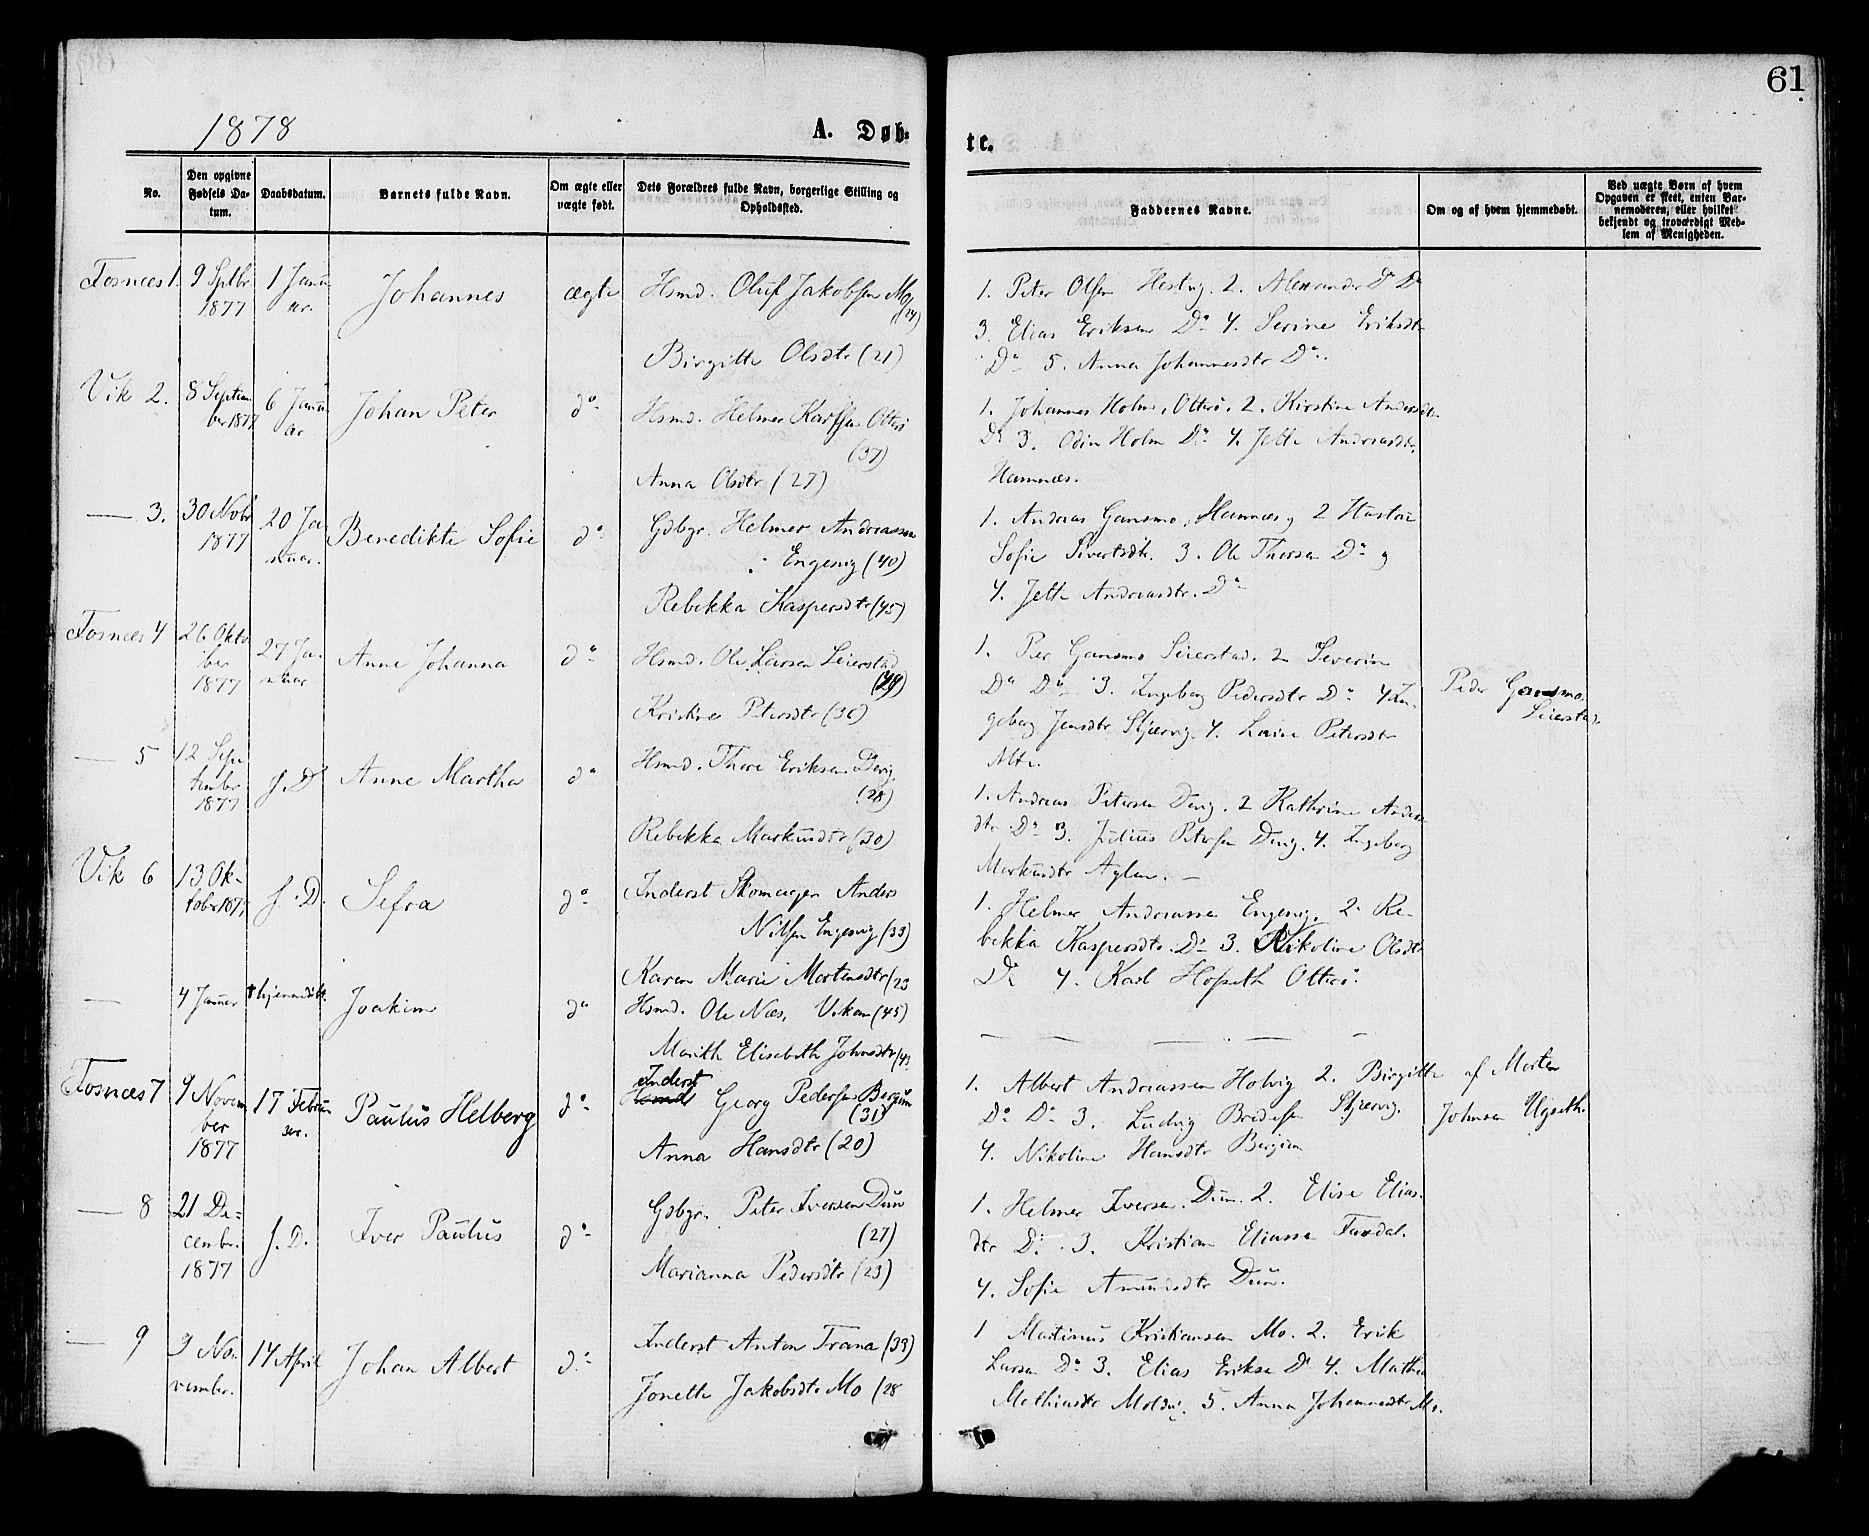 SAT, Ministerialprotokoller, klokkerbøker og fødselsregistre - Nord-Trøndelag, 773/L0616: Ministerialbok nr. 773A07, 1870-1887, s. 61